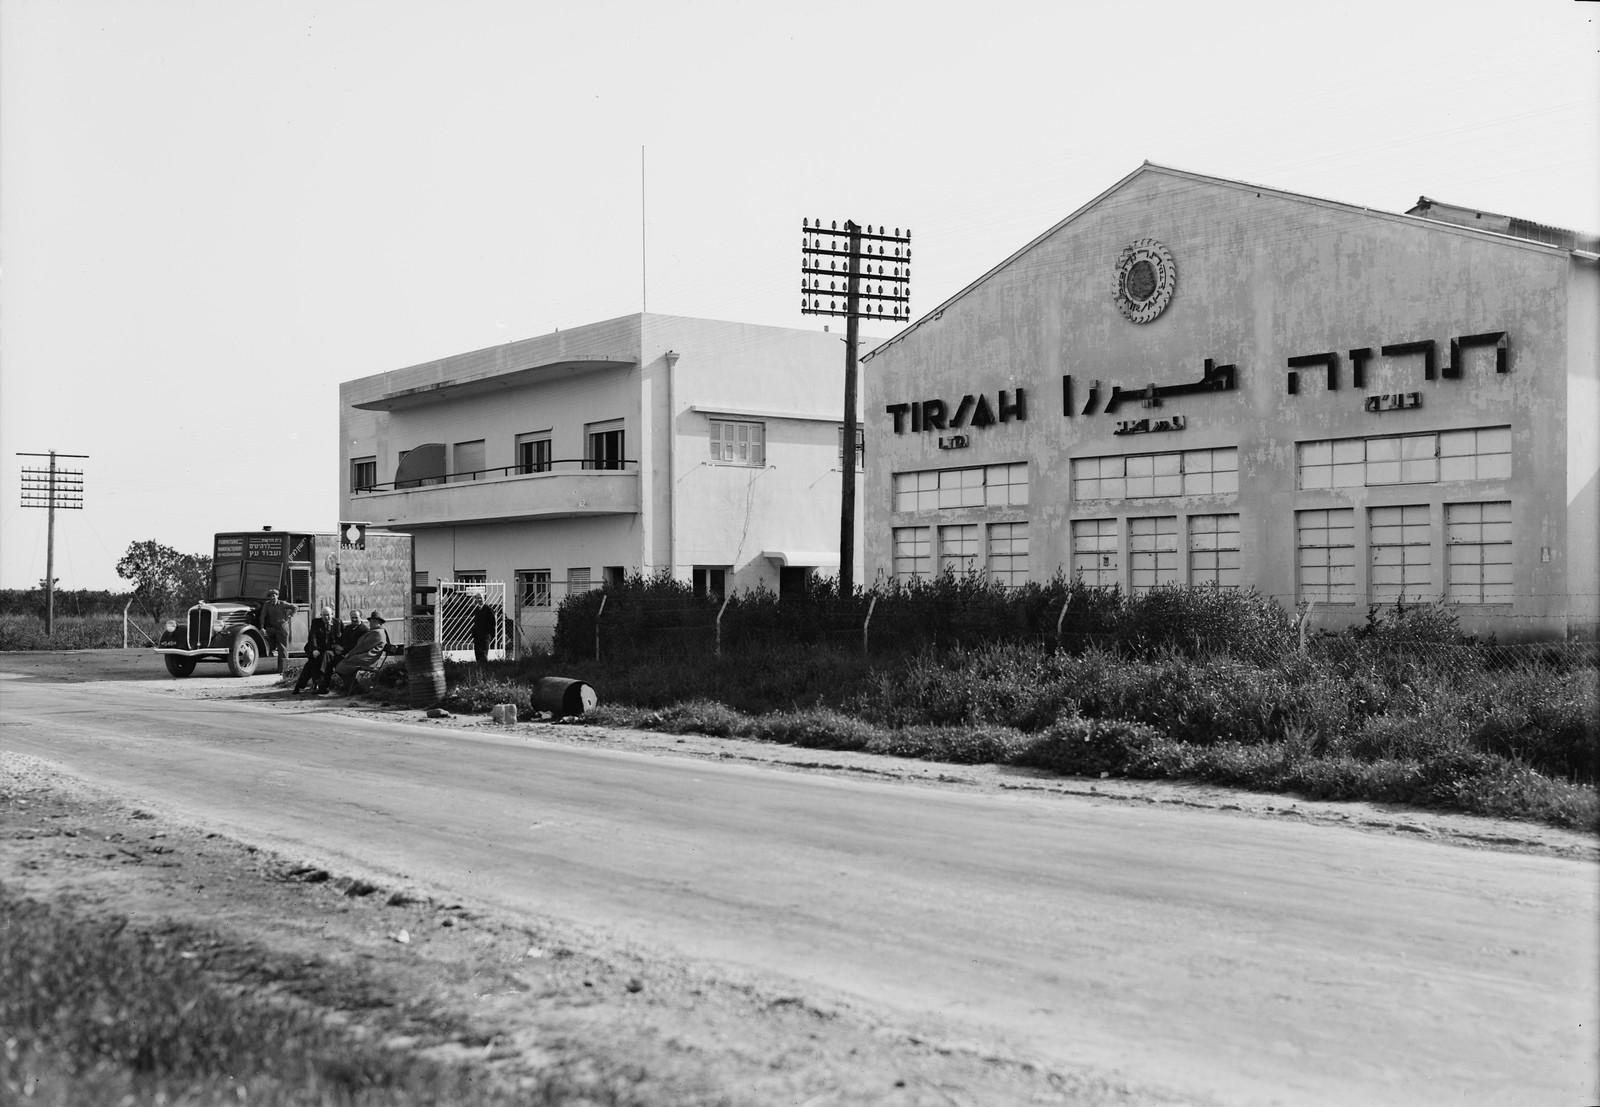 01. Реховот. Tirzah Ltd. Мебельная фабрика. Здание фабрики